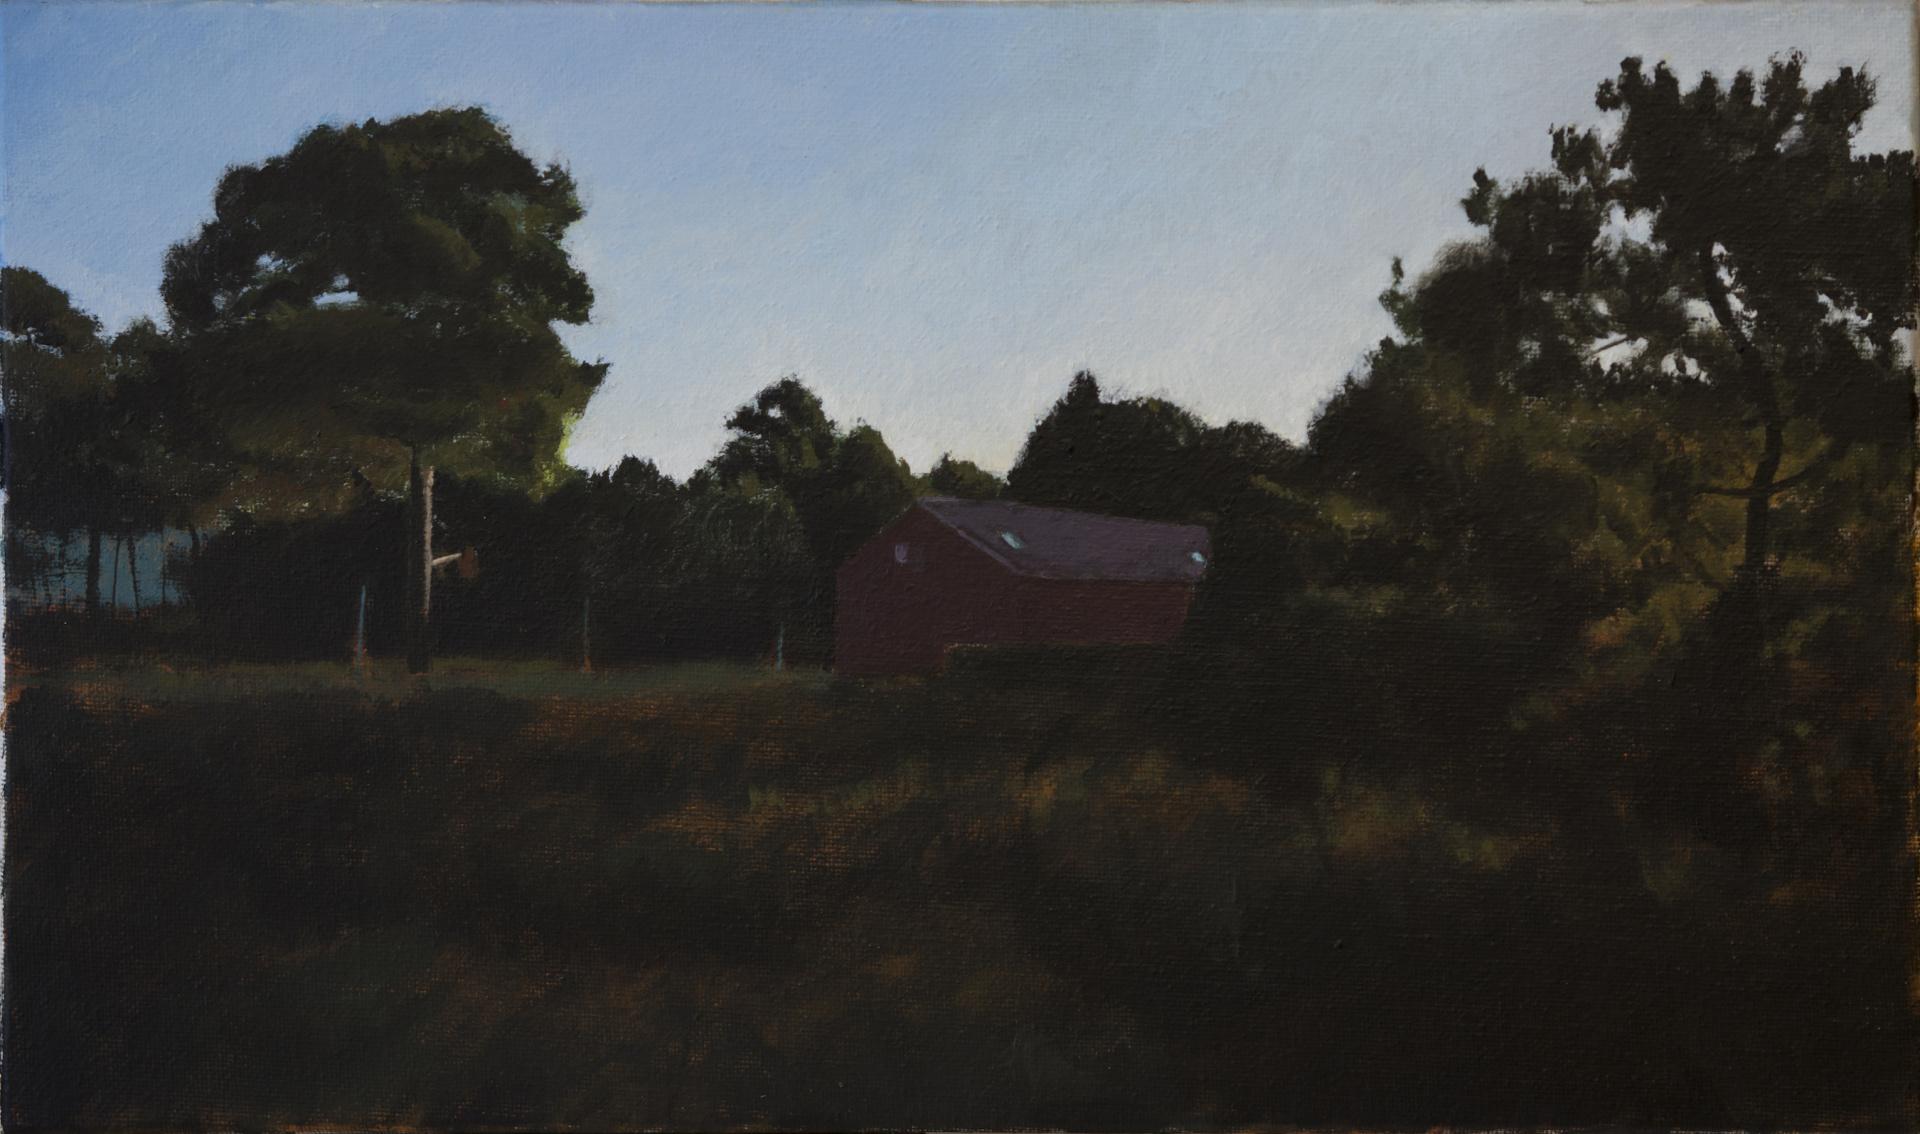 Casa para un pintor 2. Óleo s/tela. 22x37'5 cm. 2021